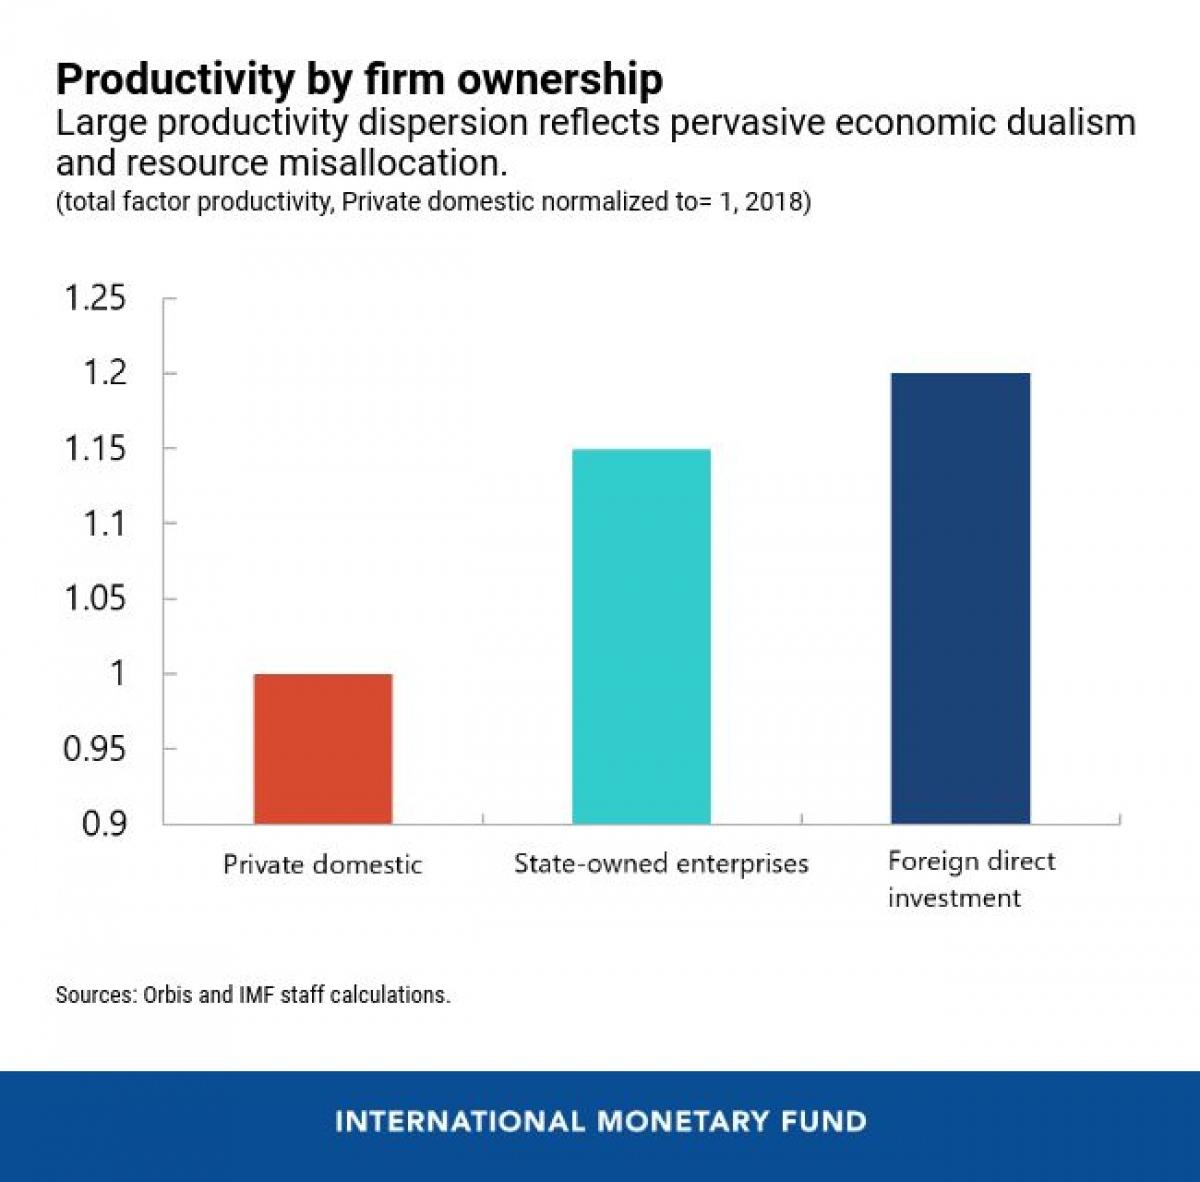 Năng suất lao động tại các khu vực kinh tế: Tư nhân, nhà nước và nước ngoài (Nguồn: IMF)